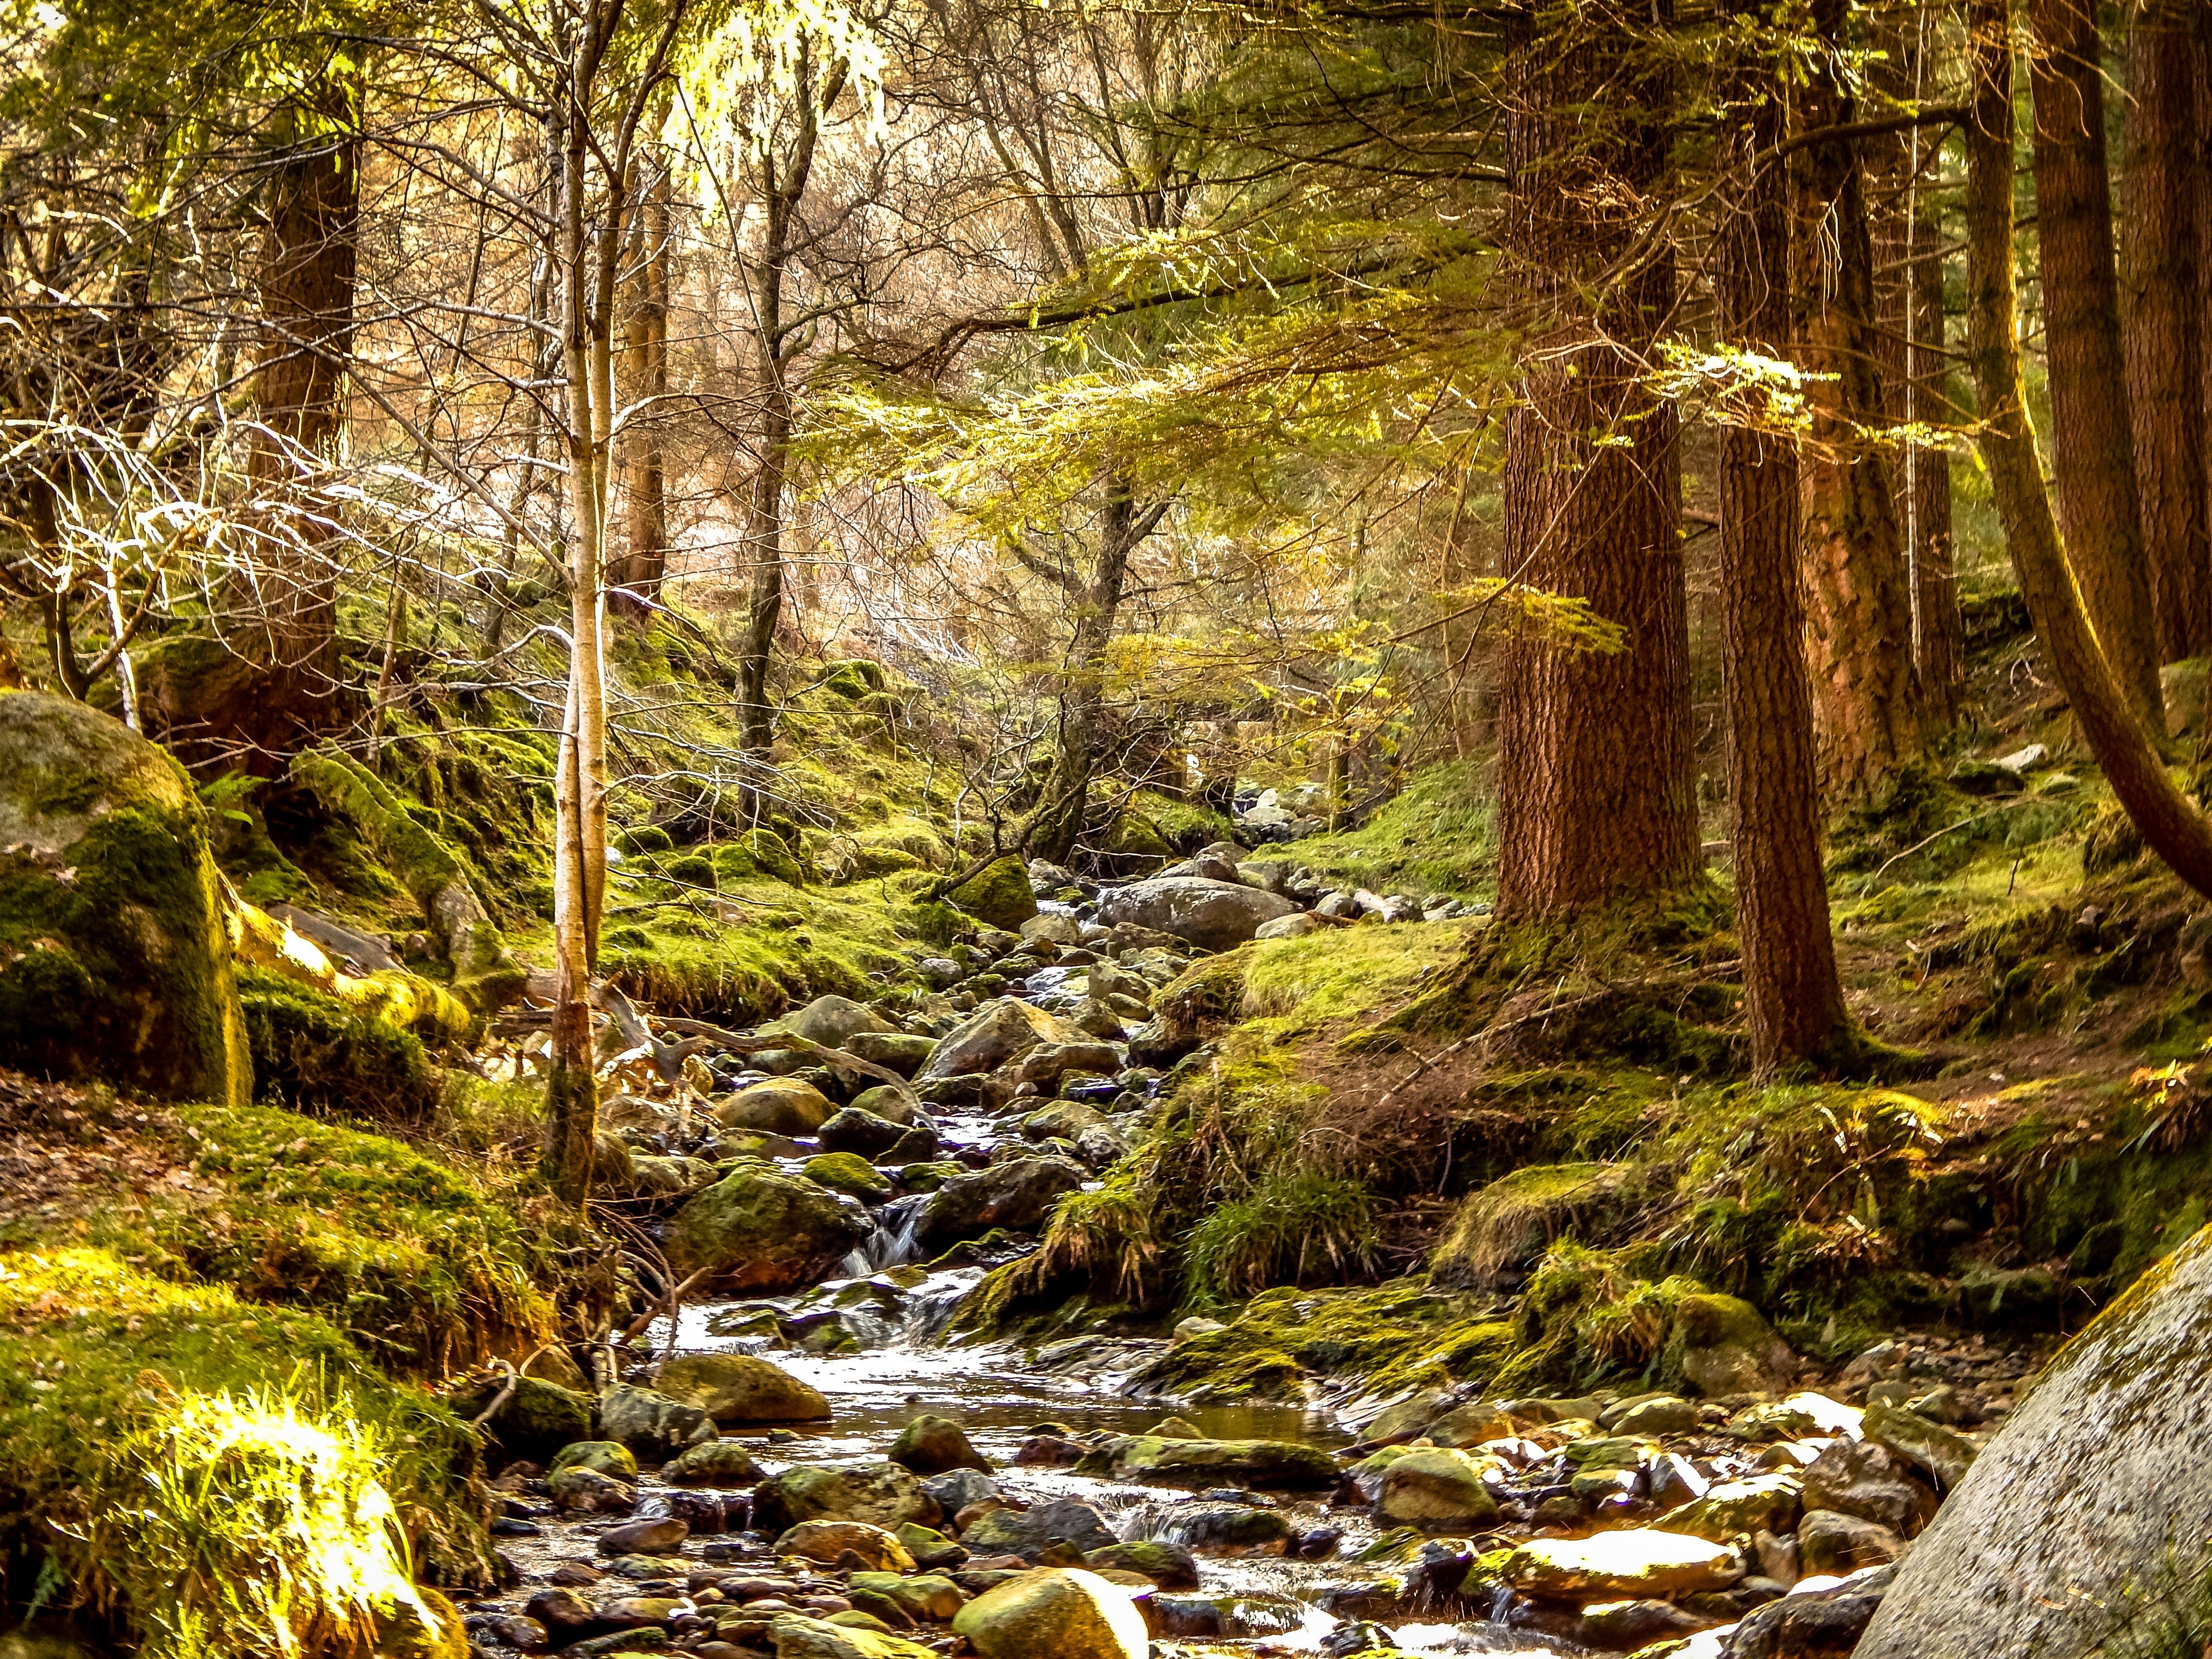 ağaçlar, ahşap, akarsu, çevre içeren Ücretsiz stok fotoğraf